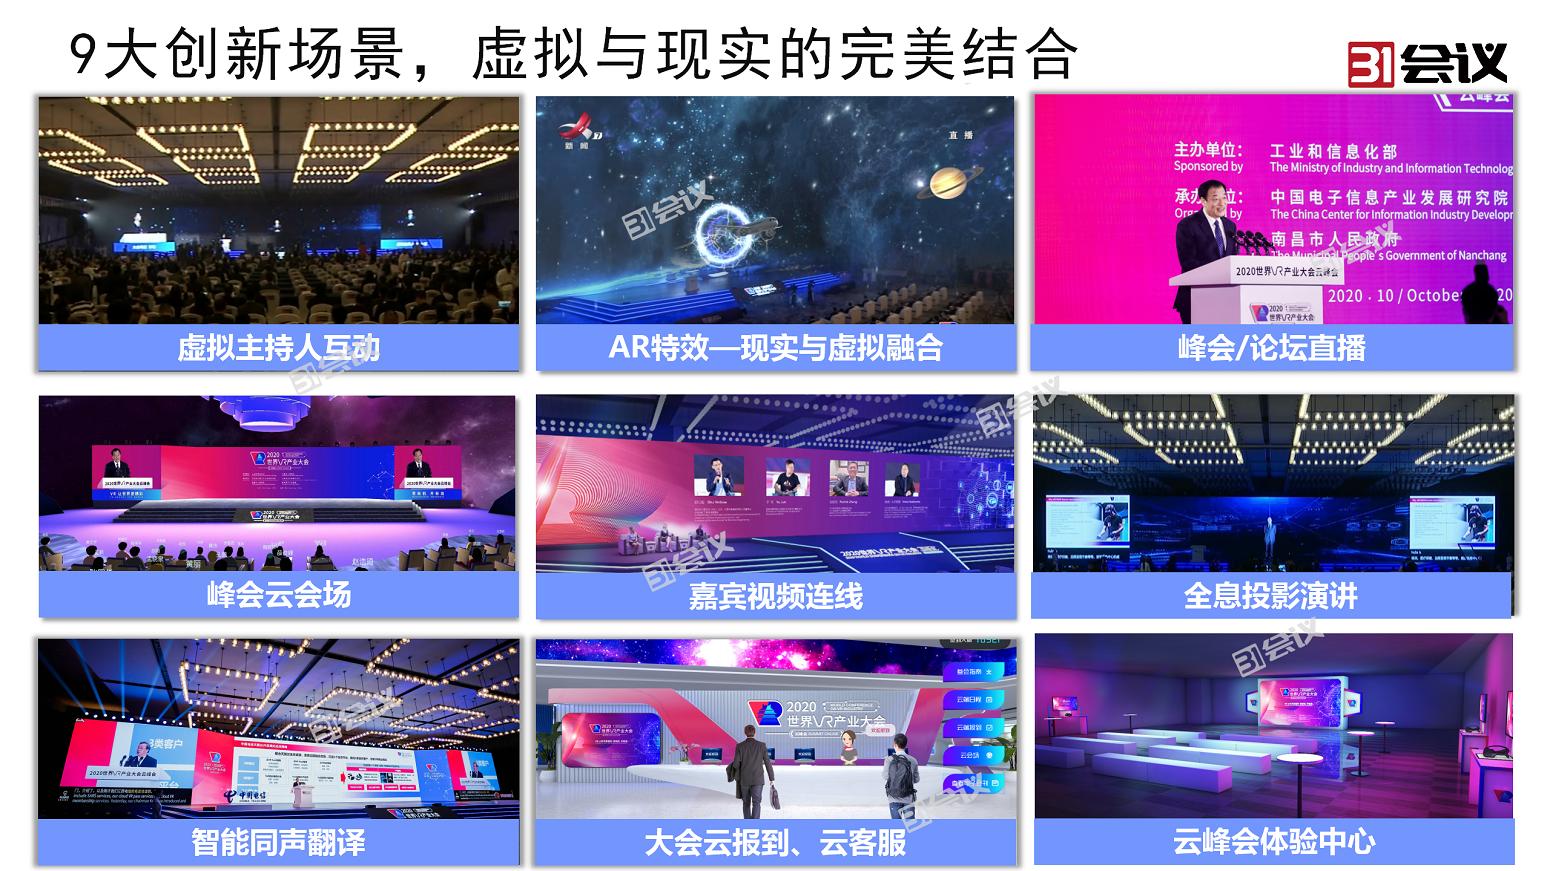 2-世界VR产业大会案例.png